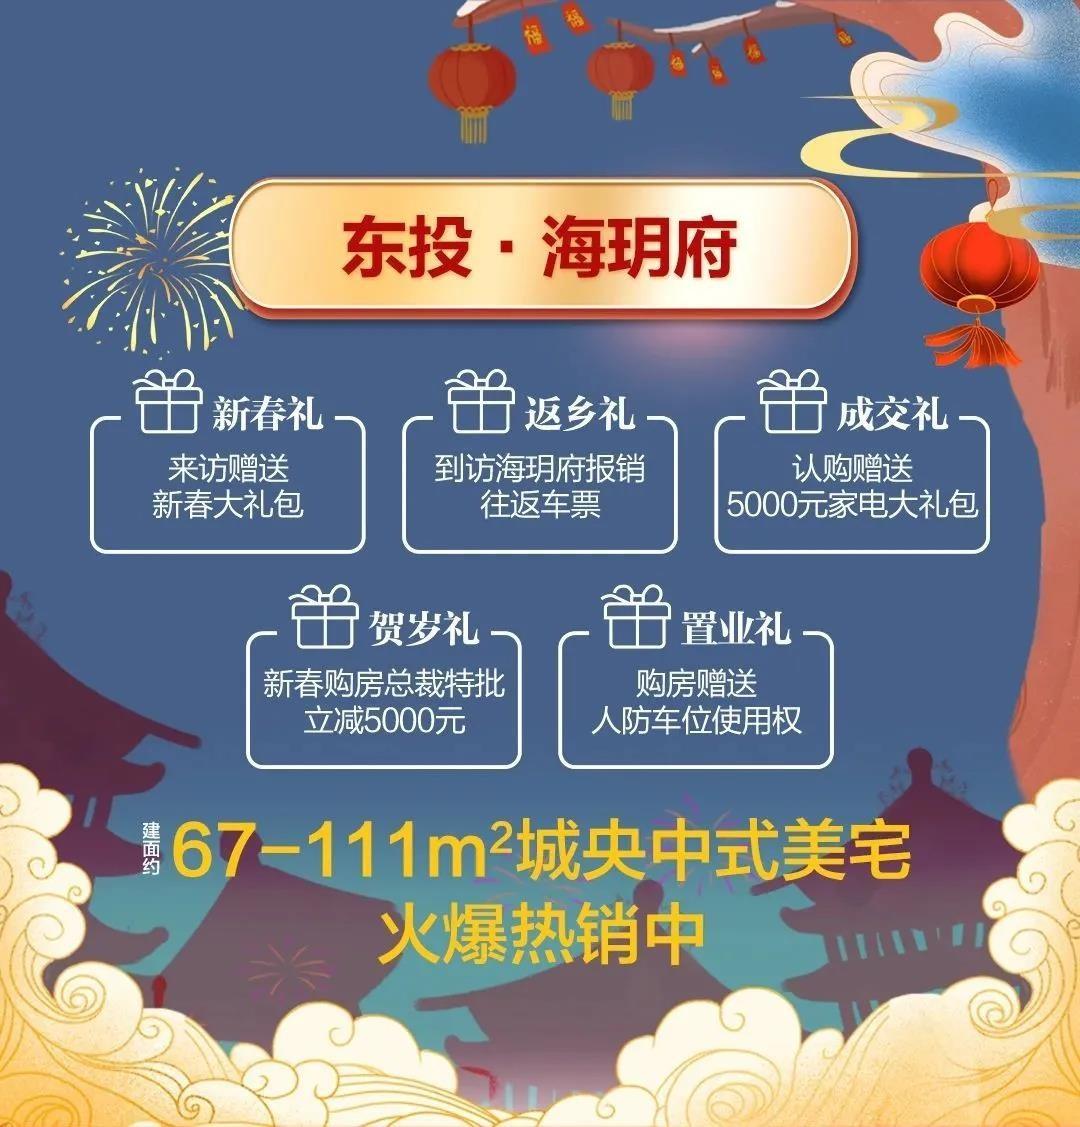 东投·海玥府丨返乡置业抢先购,年终钜惠五重礼!